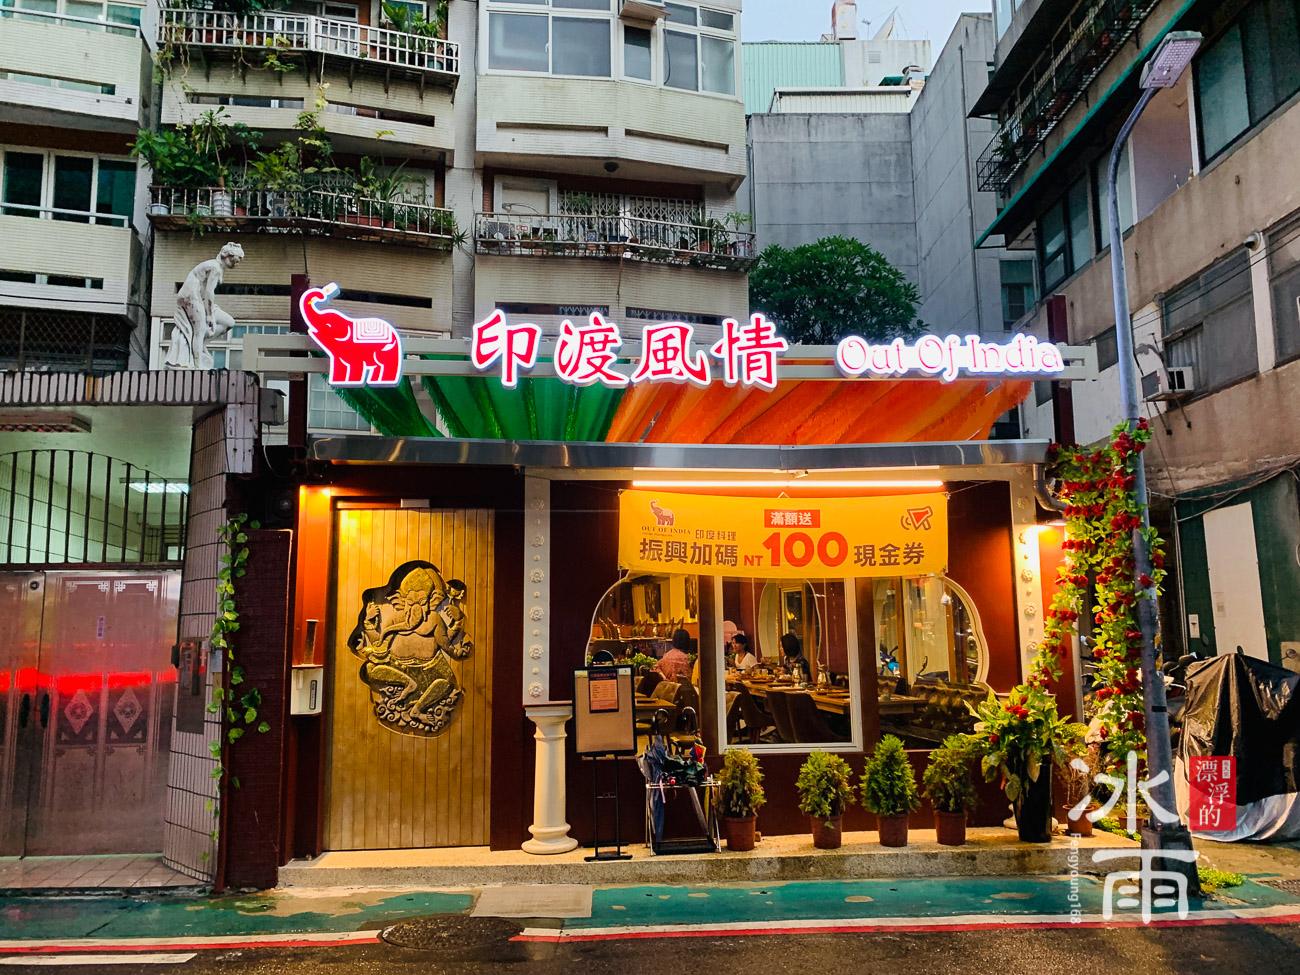 印渡風情|印度料理餐廳|店面外觀